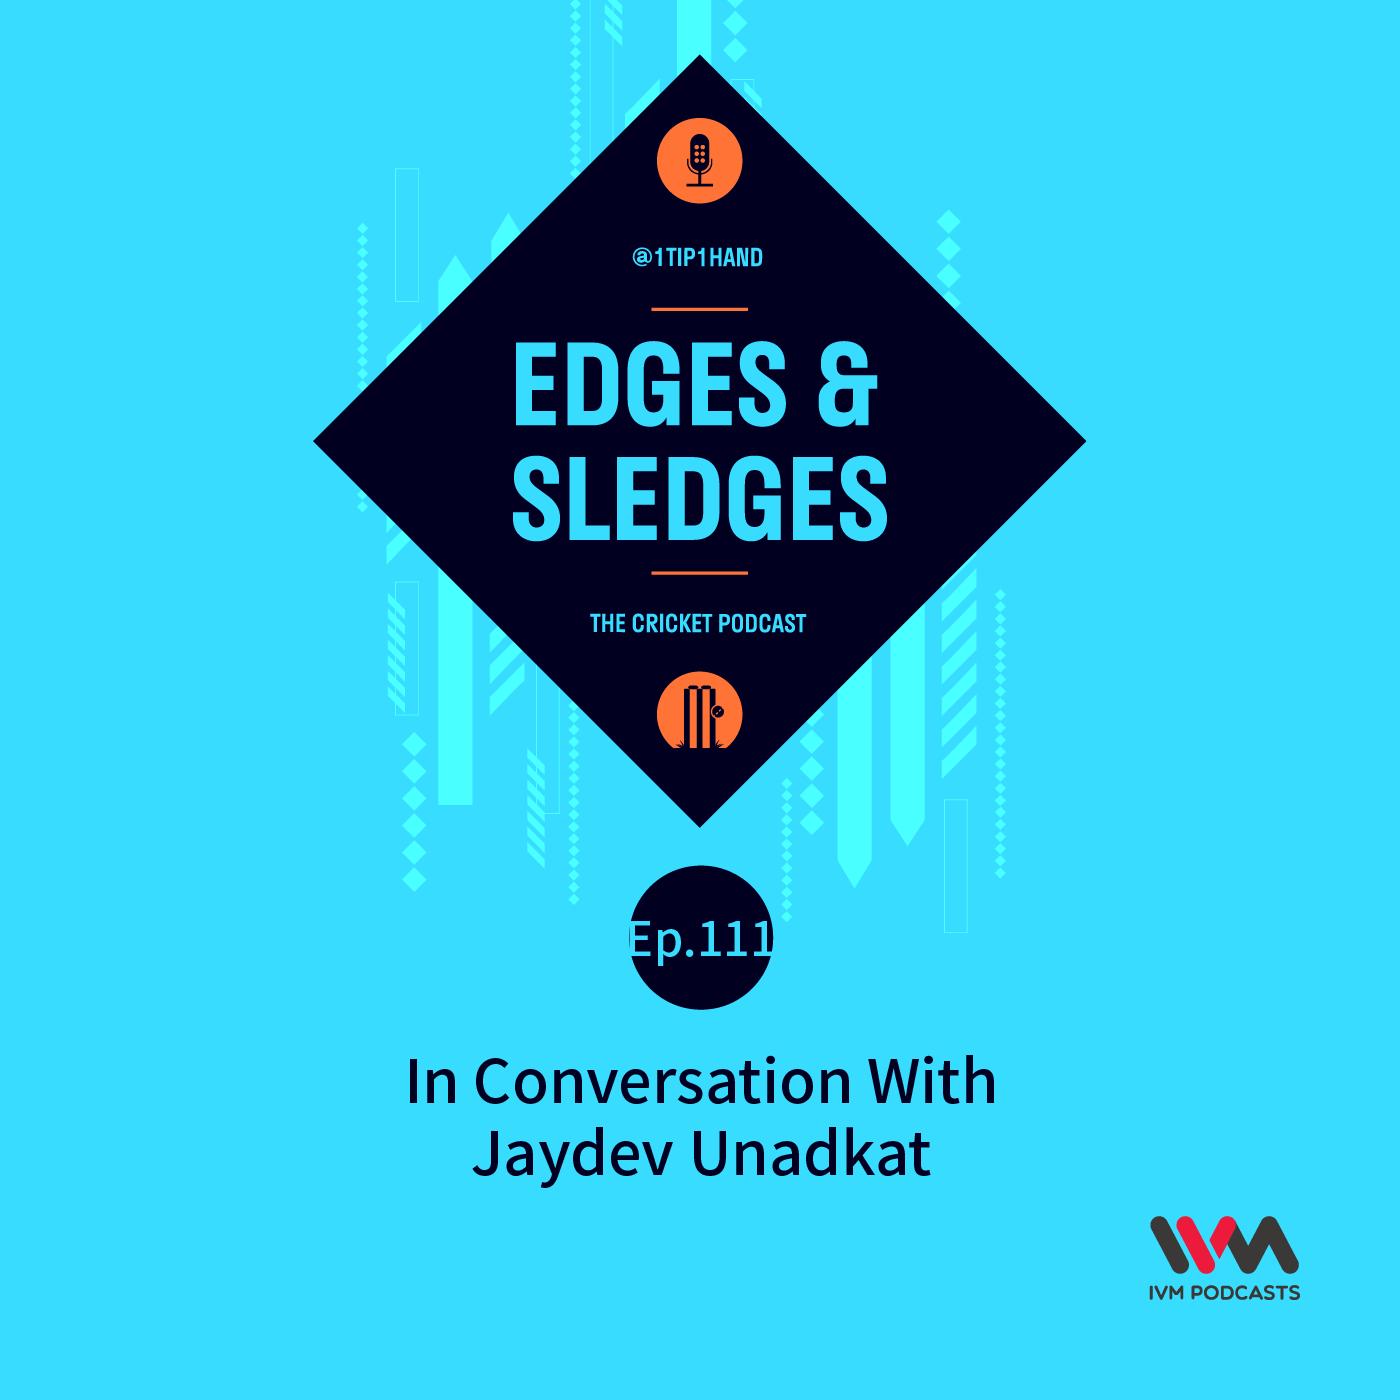 Ep. 111: In Conversation With Jaydev Unadkat